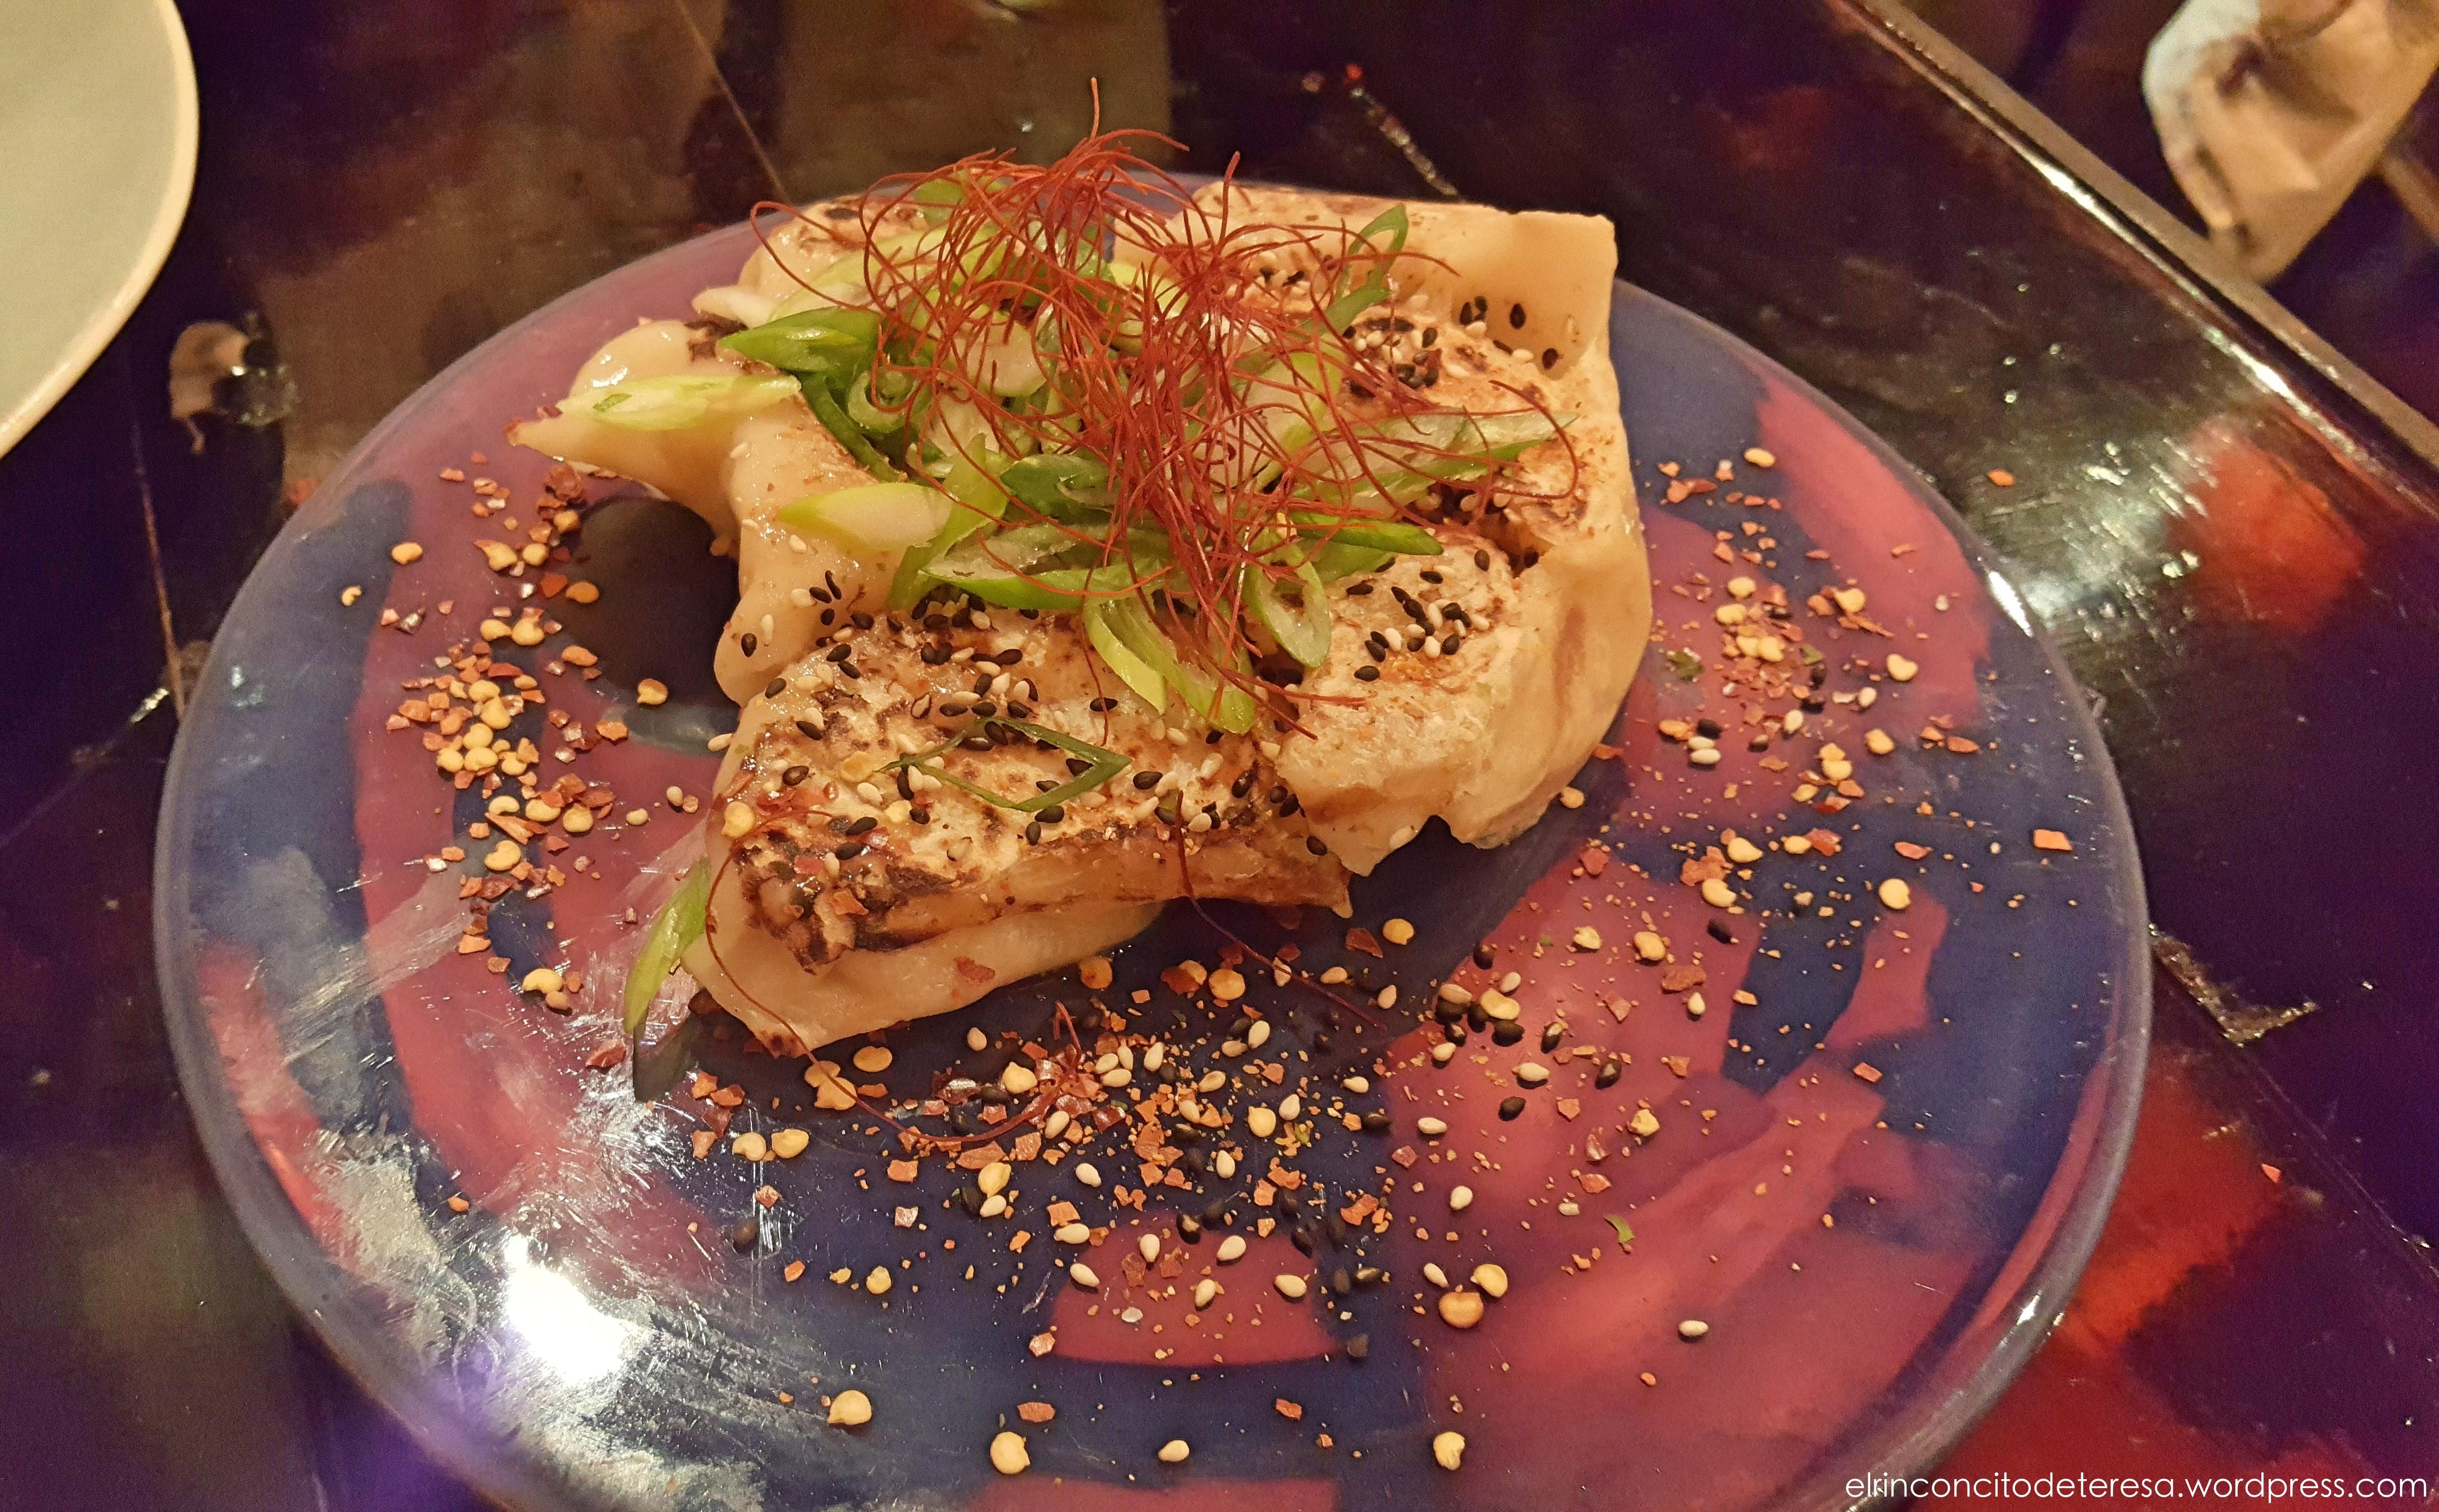 nomm-dumplings-verduras